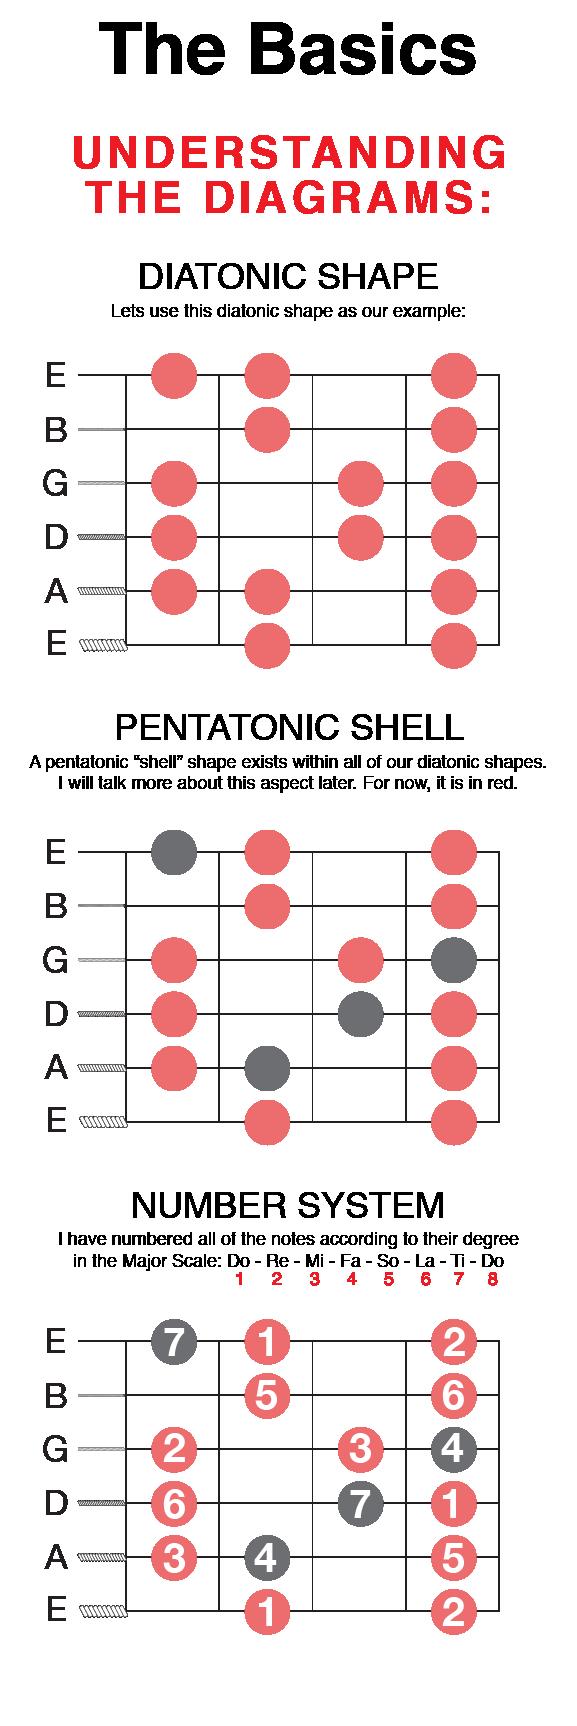 ESG MM_-01